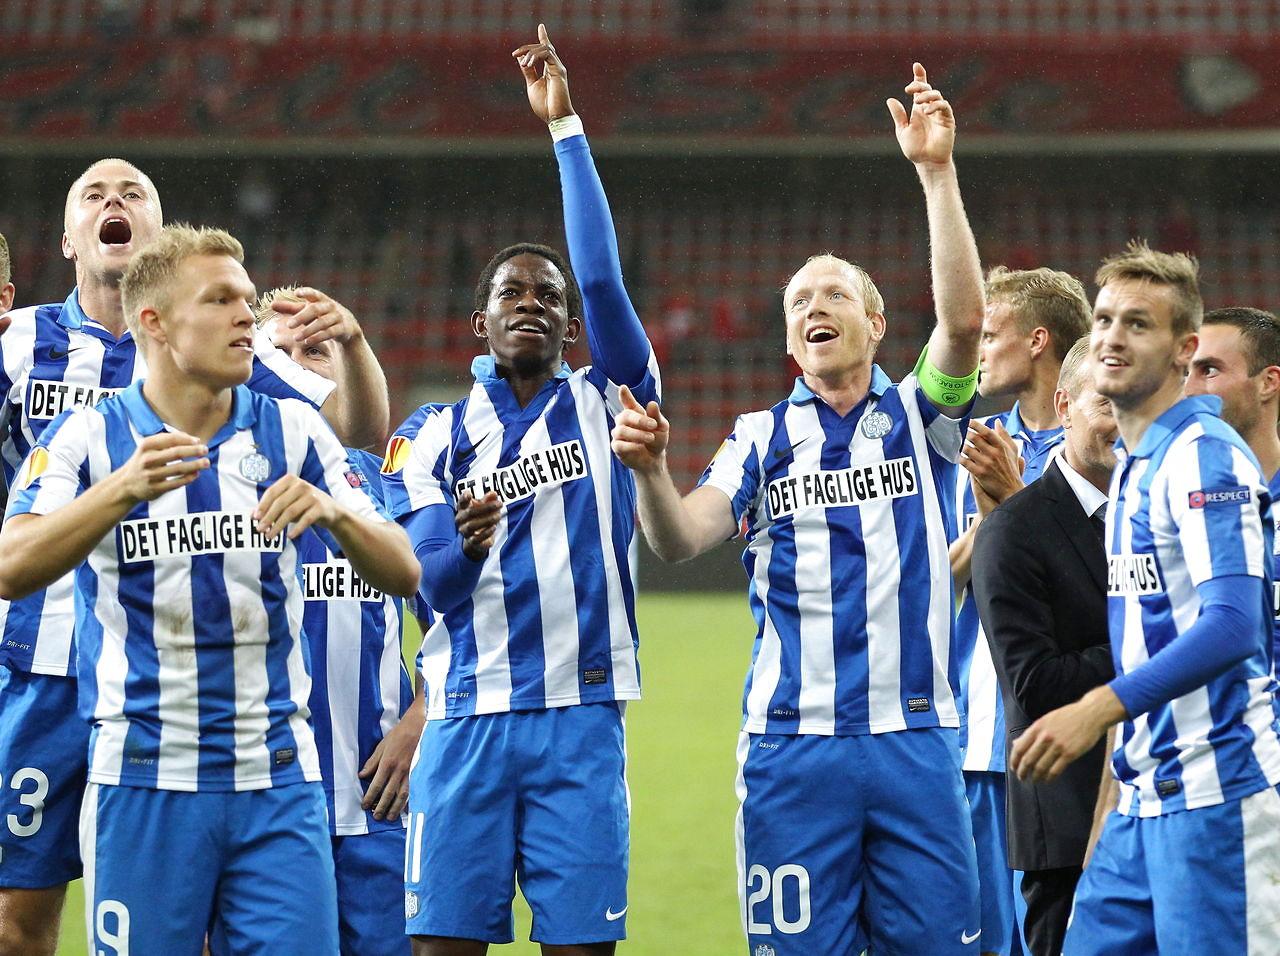 Coppa di Danimarca 6 novembre pronostico